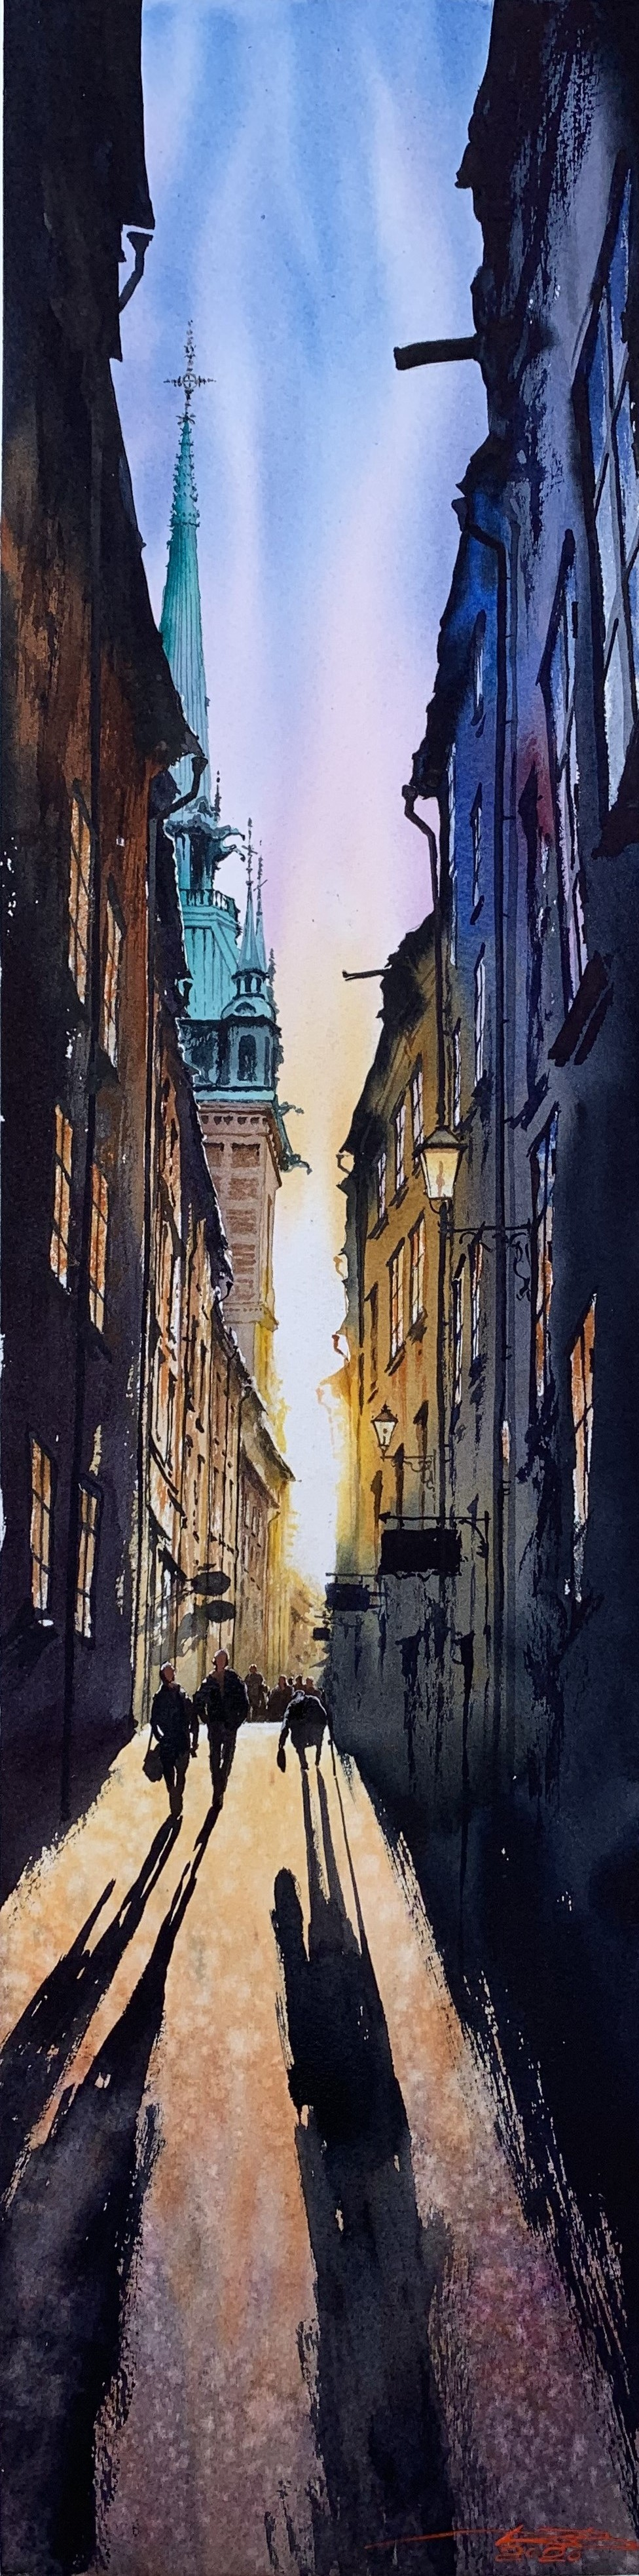 Shadows. Stockholm.